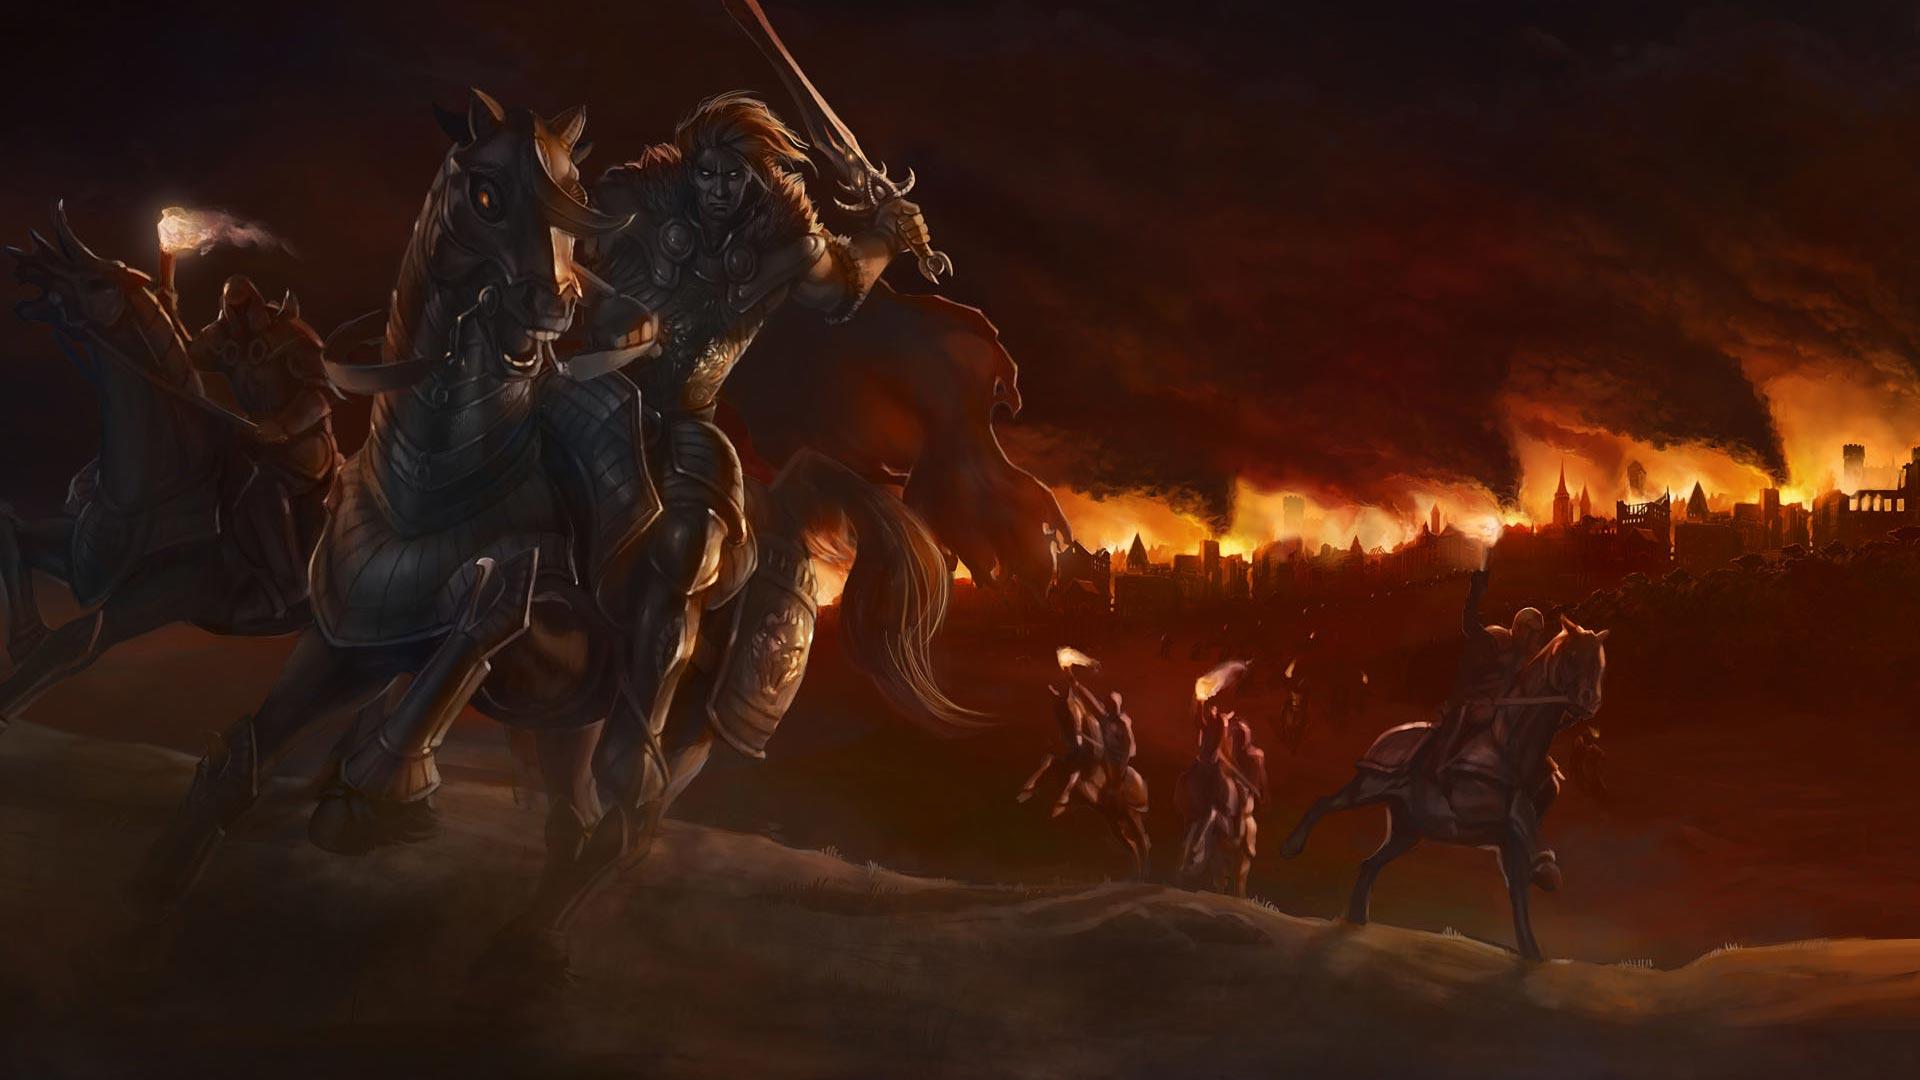 Age of Wonders III - Golden Realms